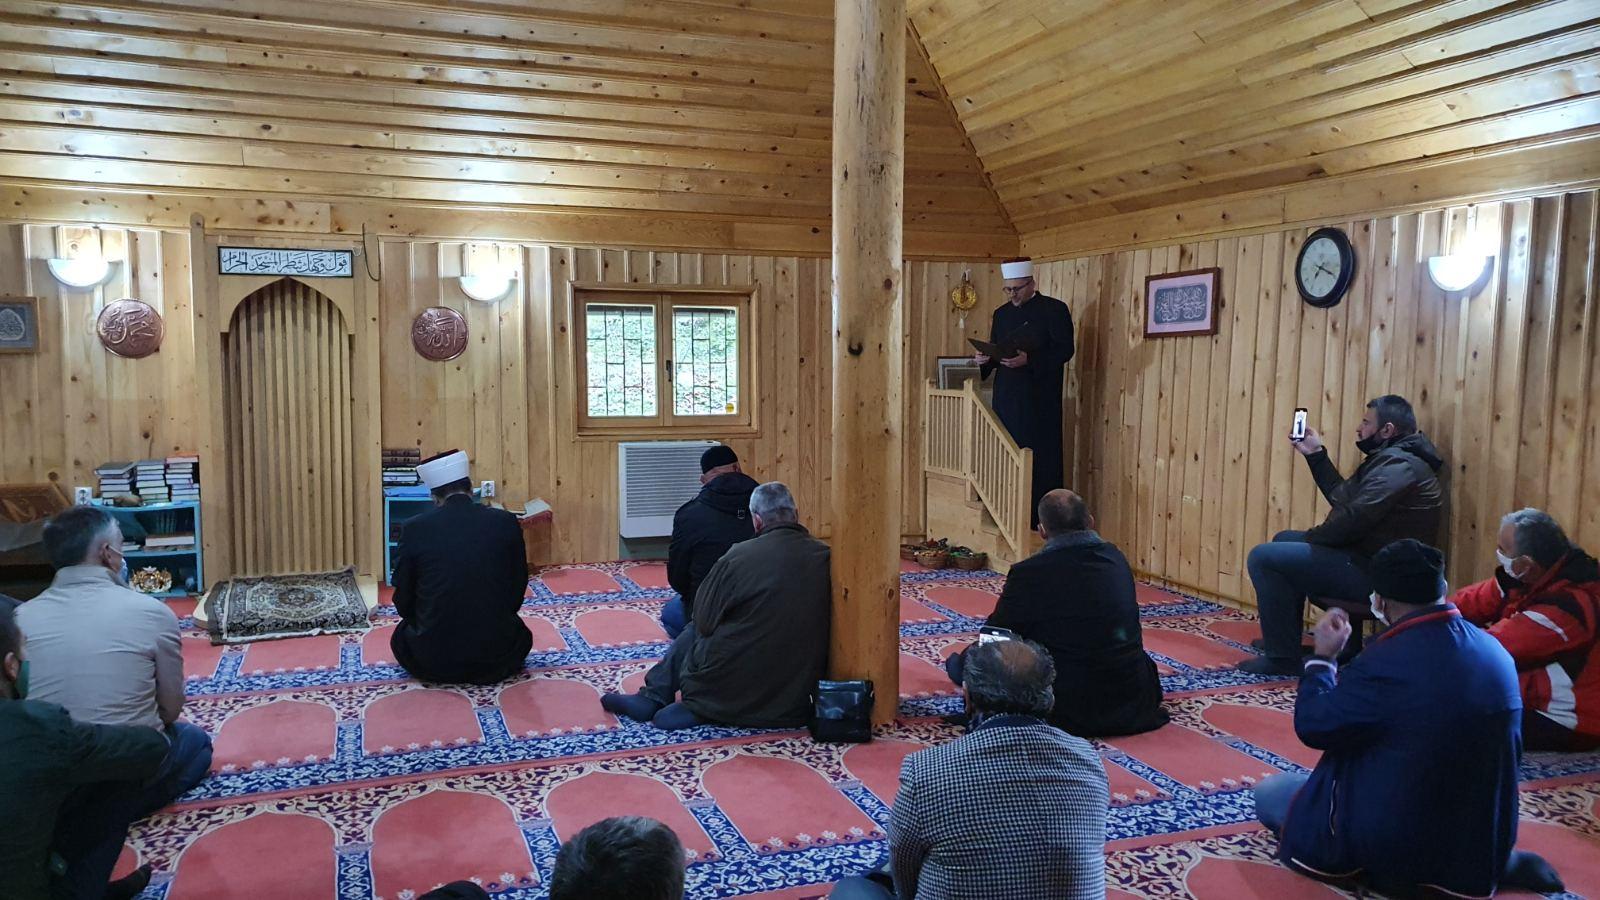 Igmanska poruka Muftije mostarskog: Bdijmo na našim bedemima vjere, slobode i domovine